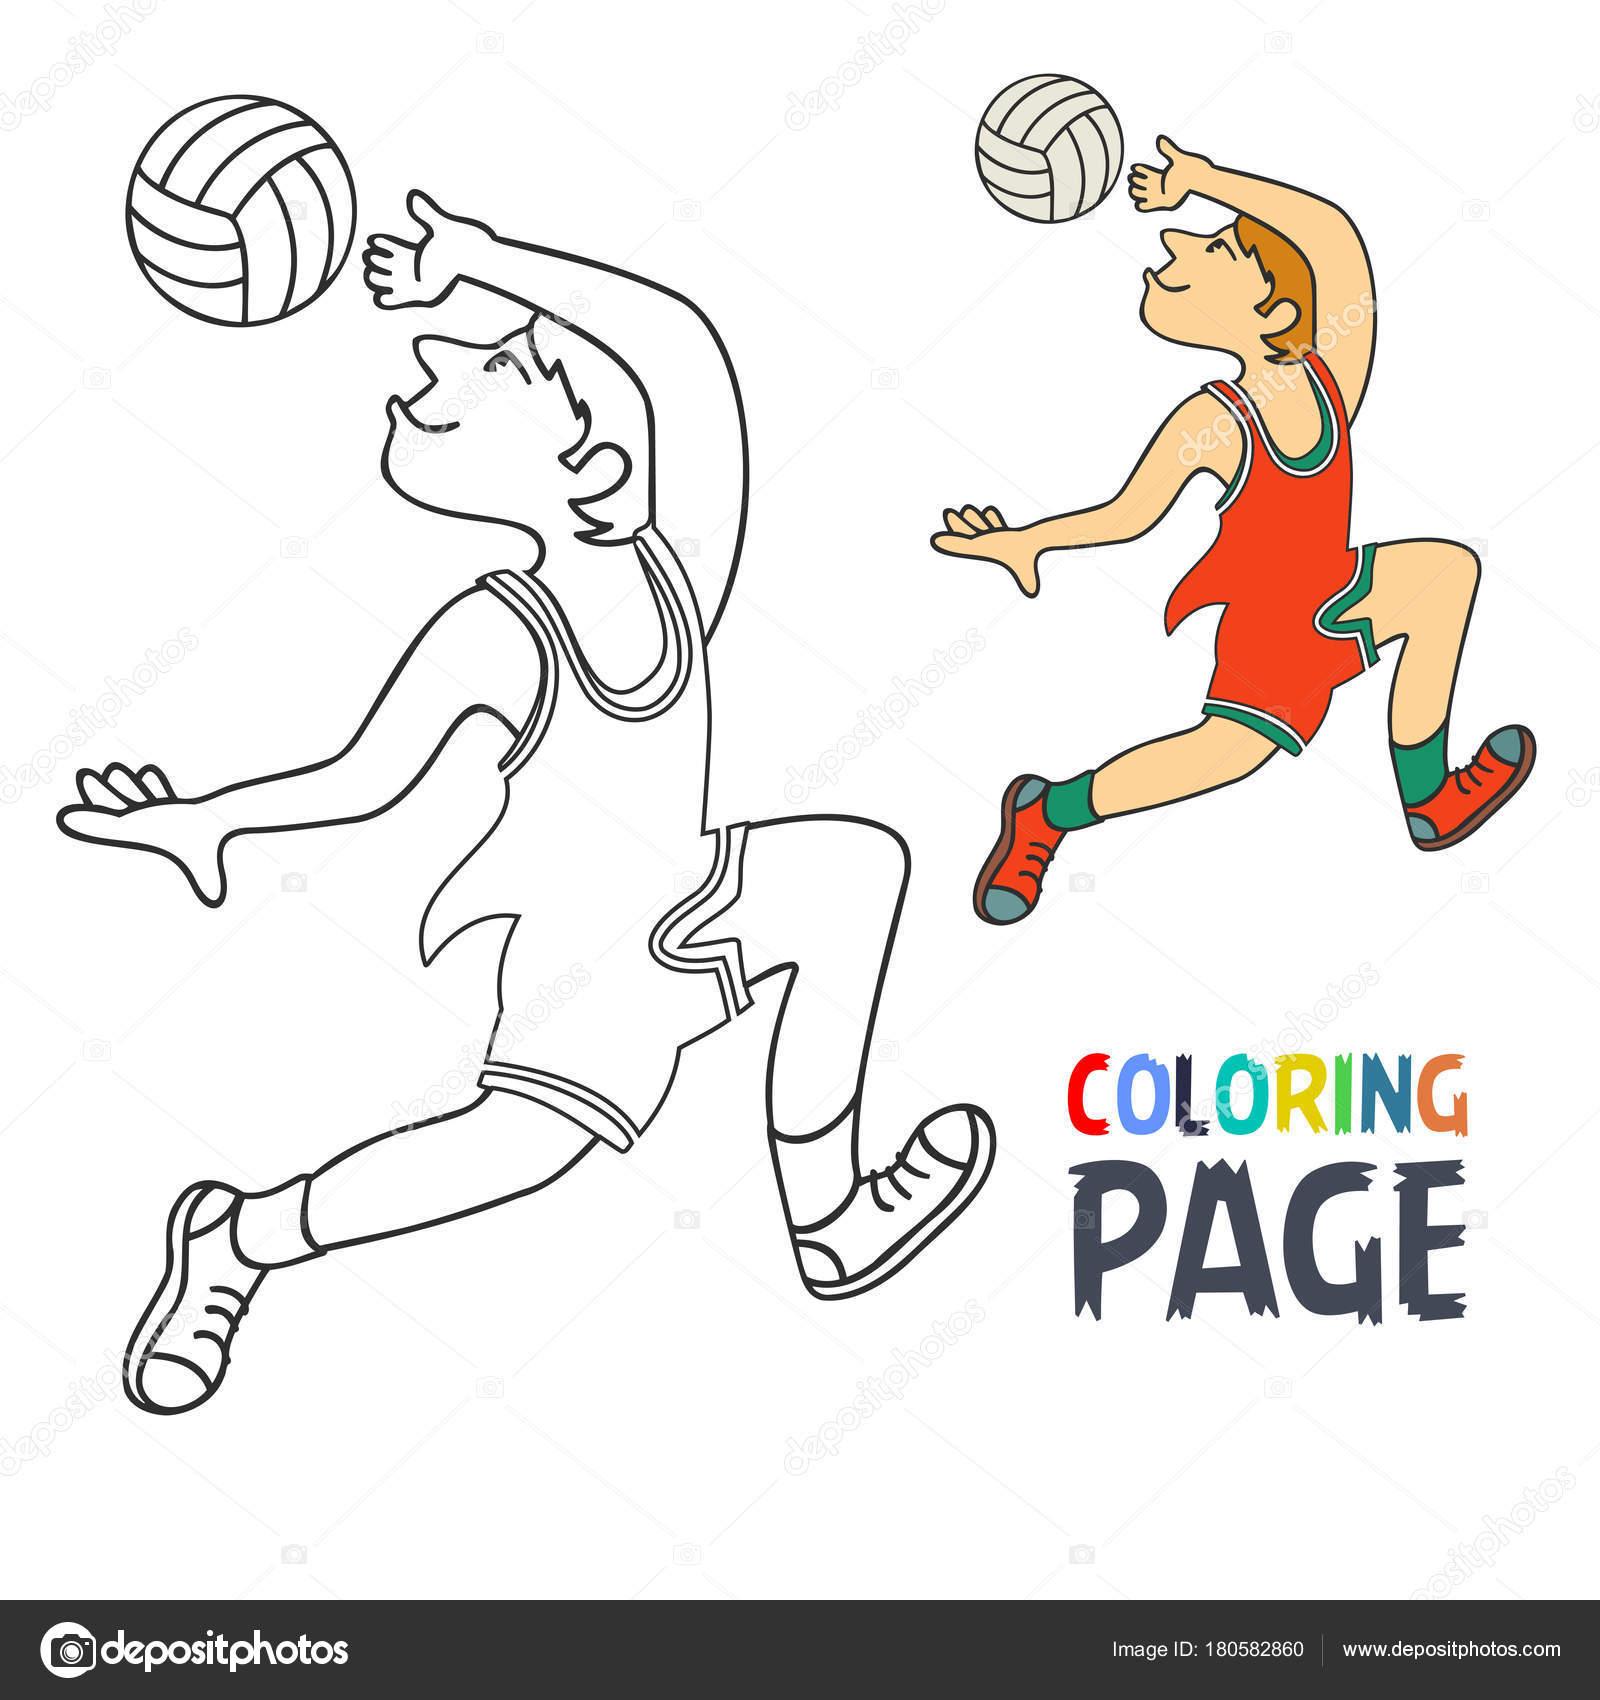 Pagina da colorare con il fumetto del giocatore di volley - Libero tacchino da colorare pagina ...